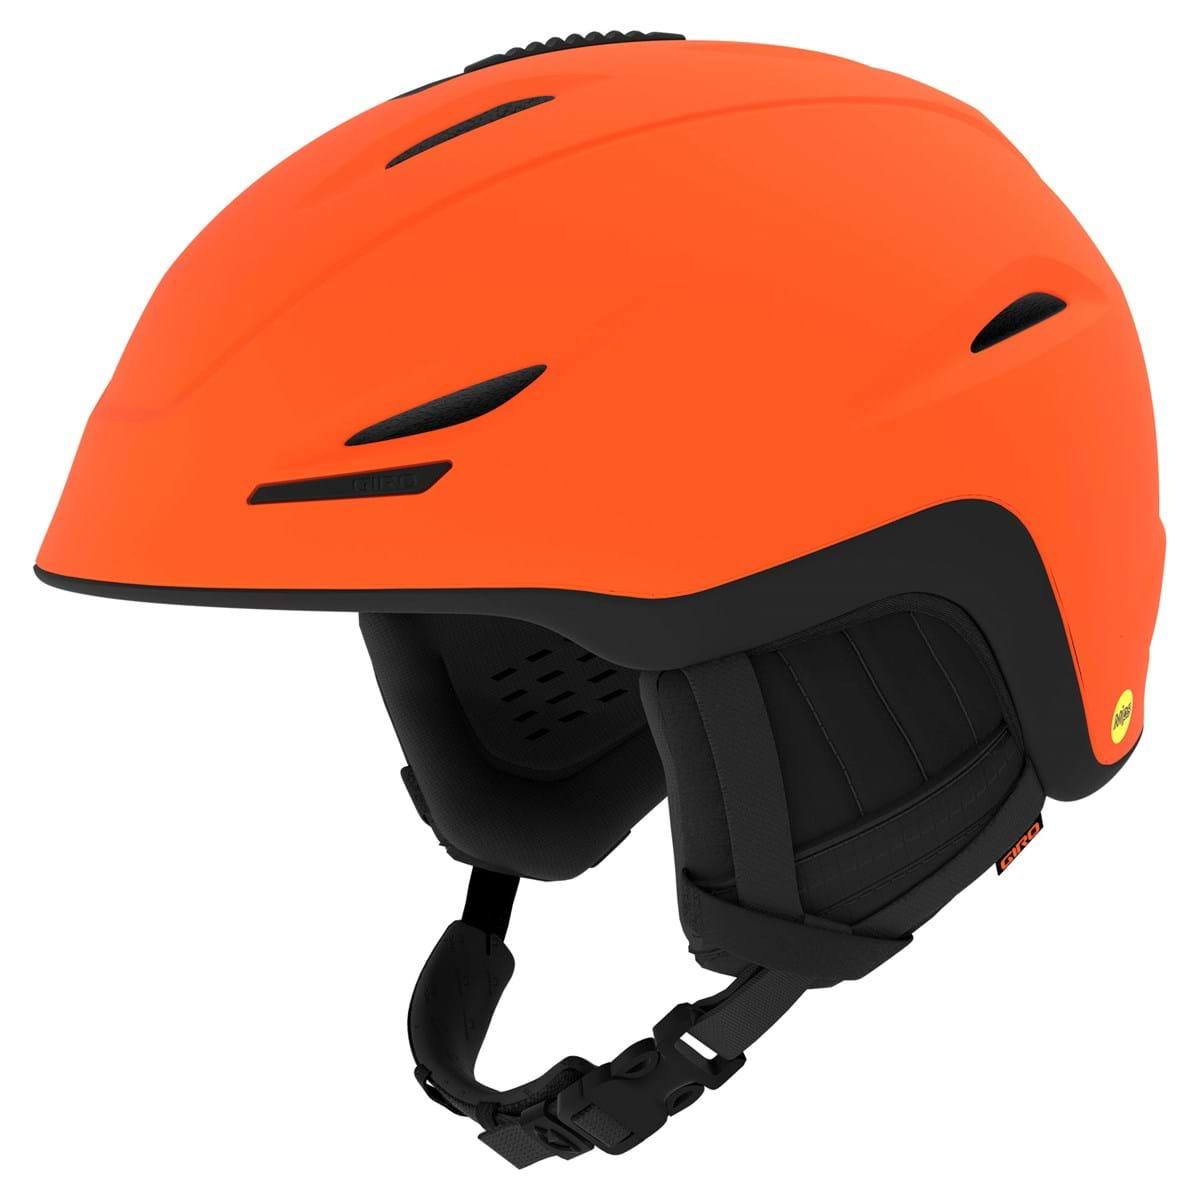 Union MIPS Snow Helmet